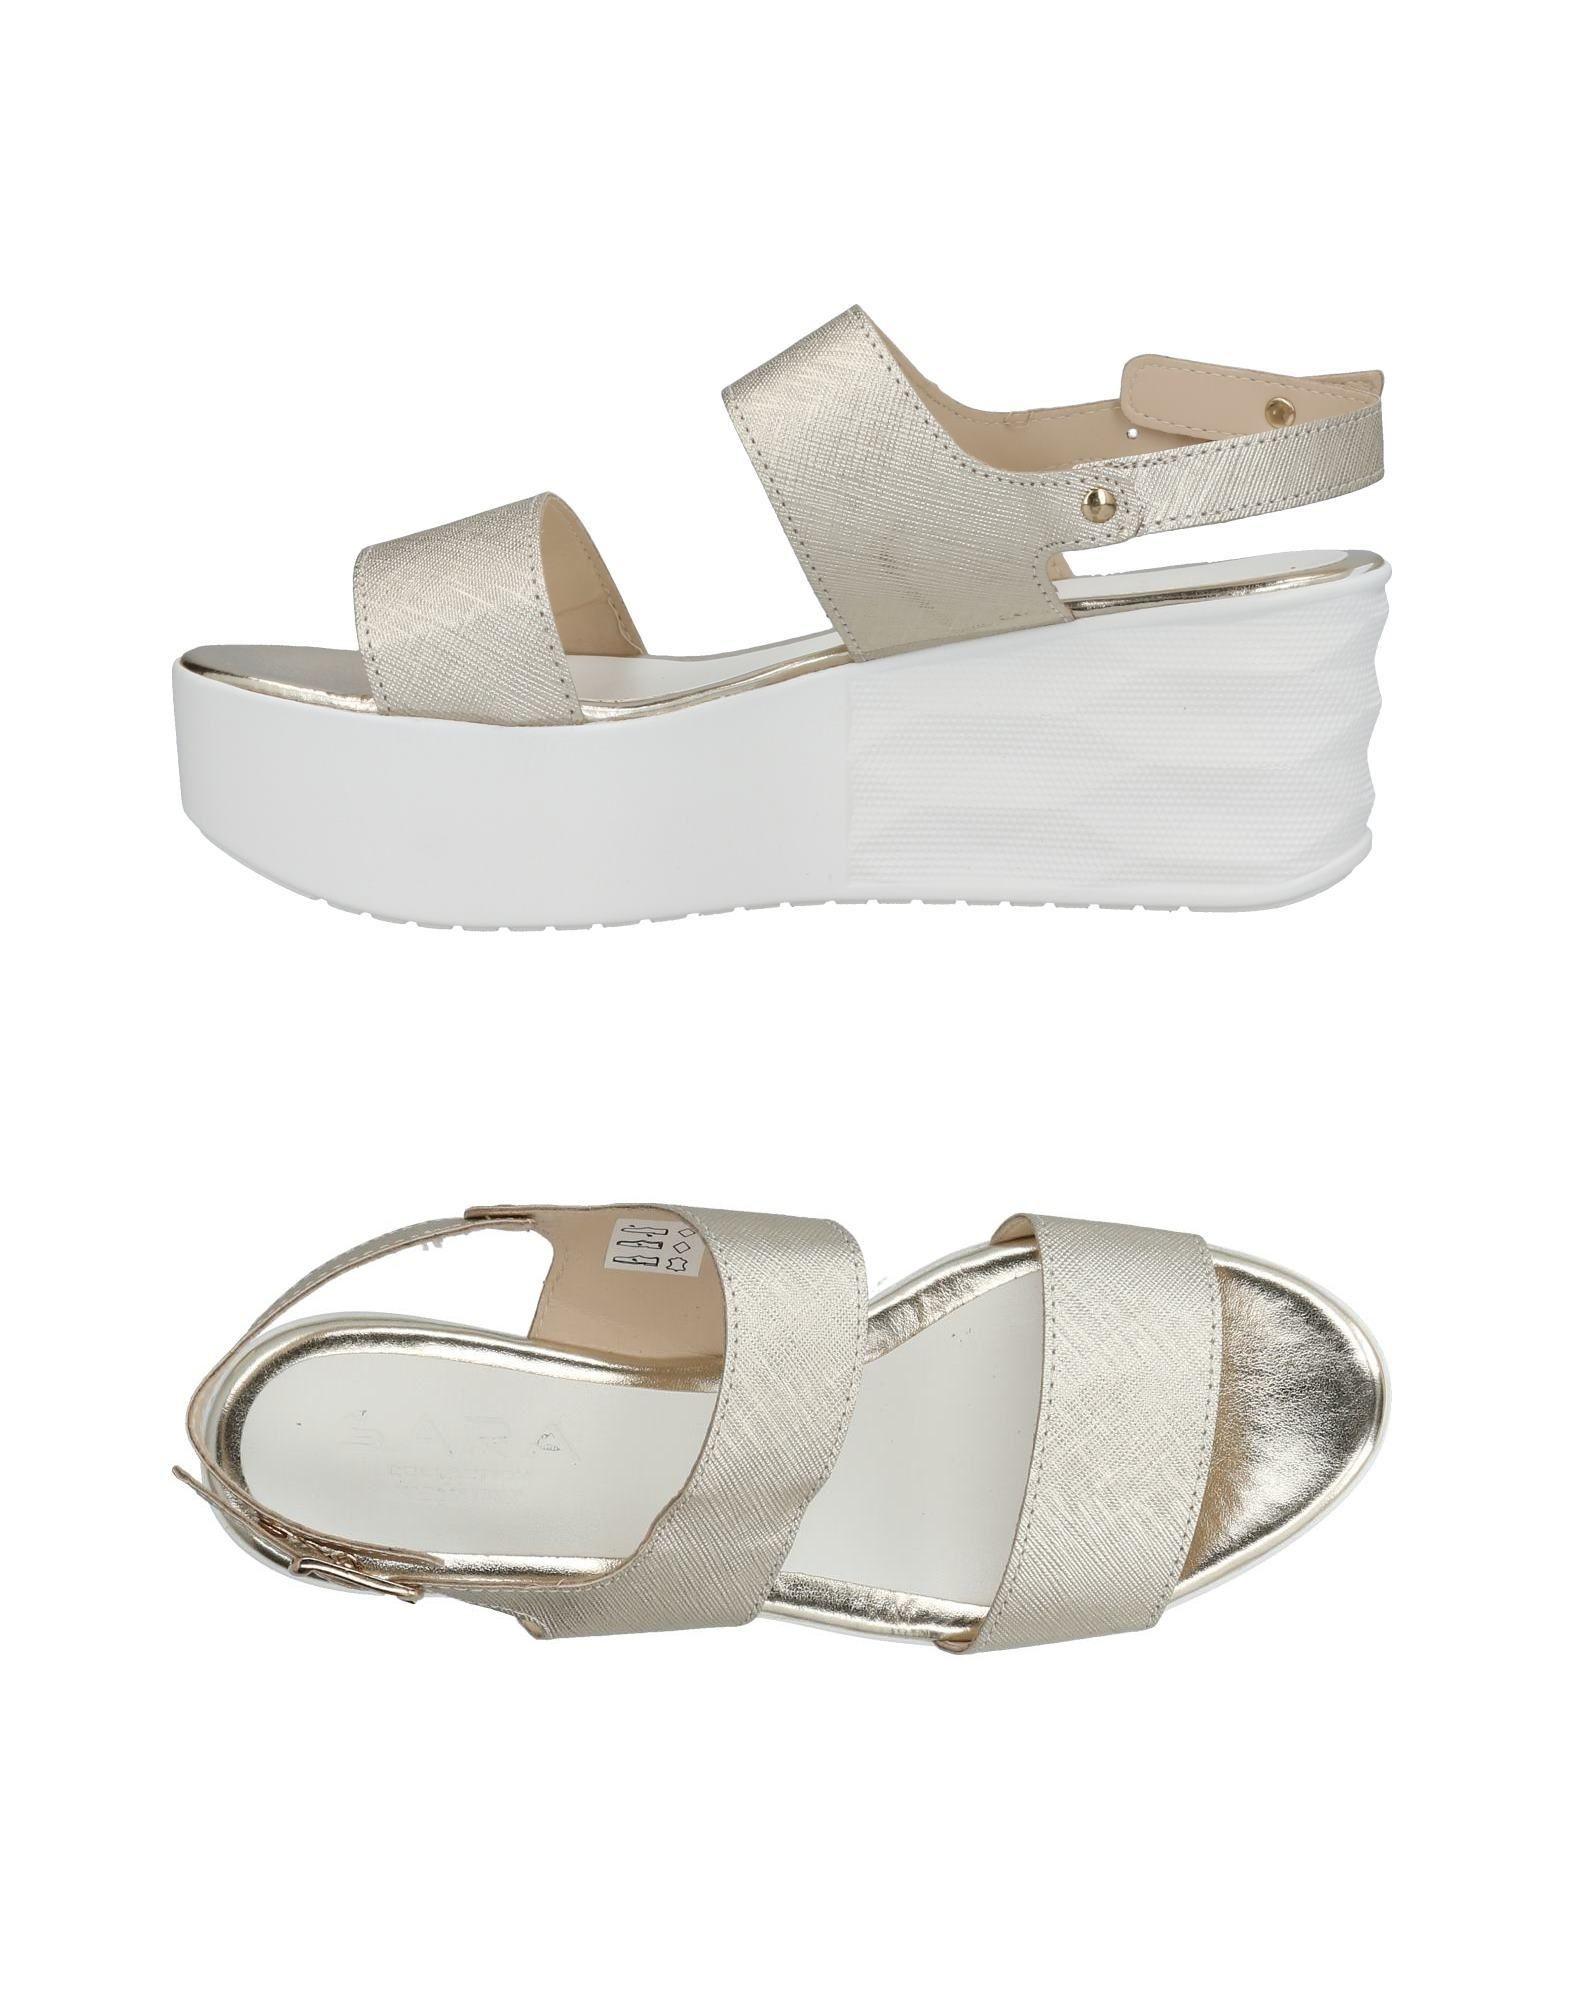 Sara Sandalen Damen  11460456NG Gute Qualität beliebte Schuhe